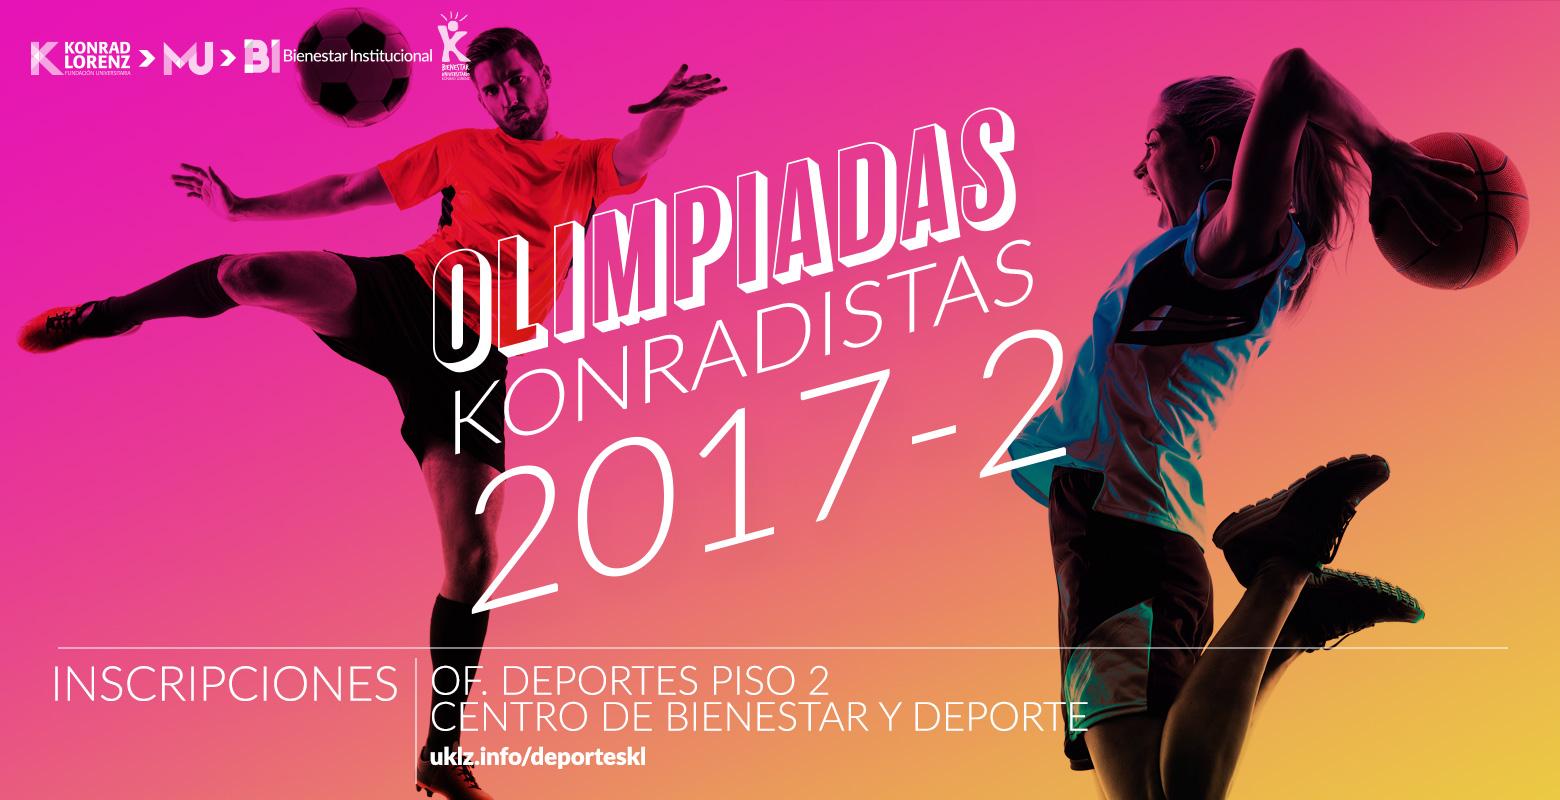 Olimpiadas Konradistas 2017-2